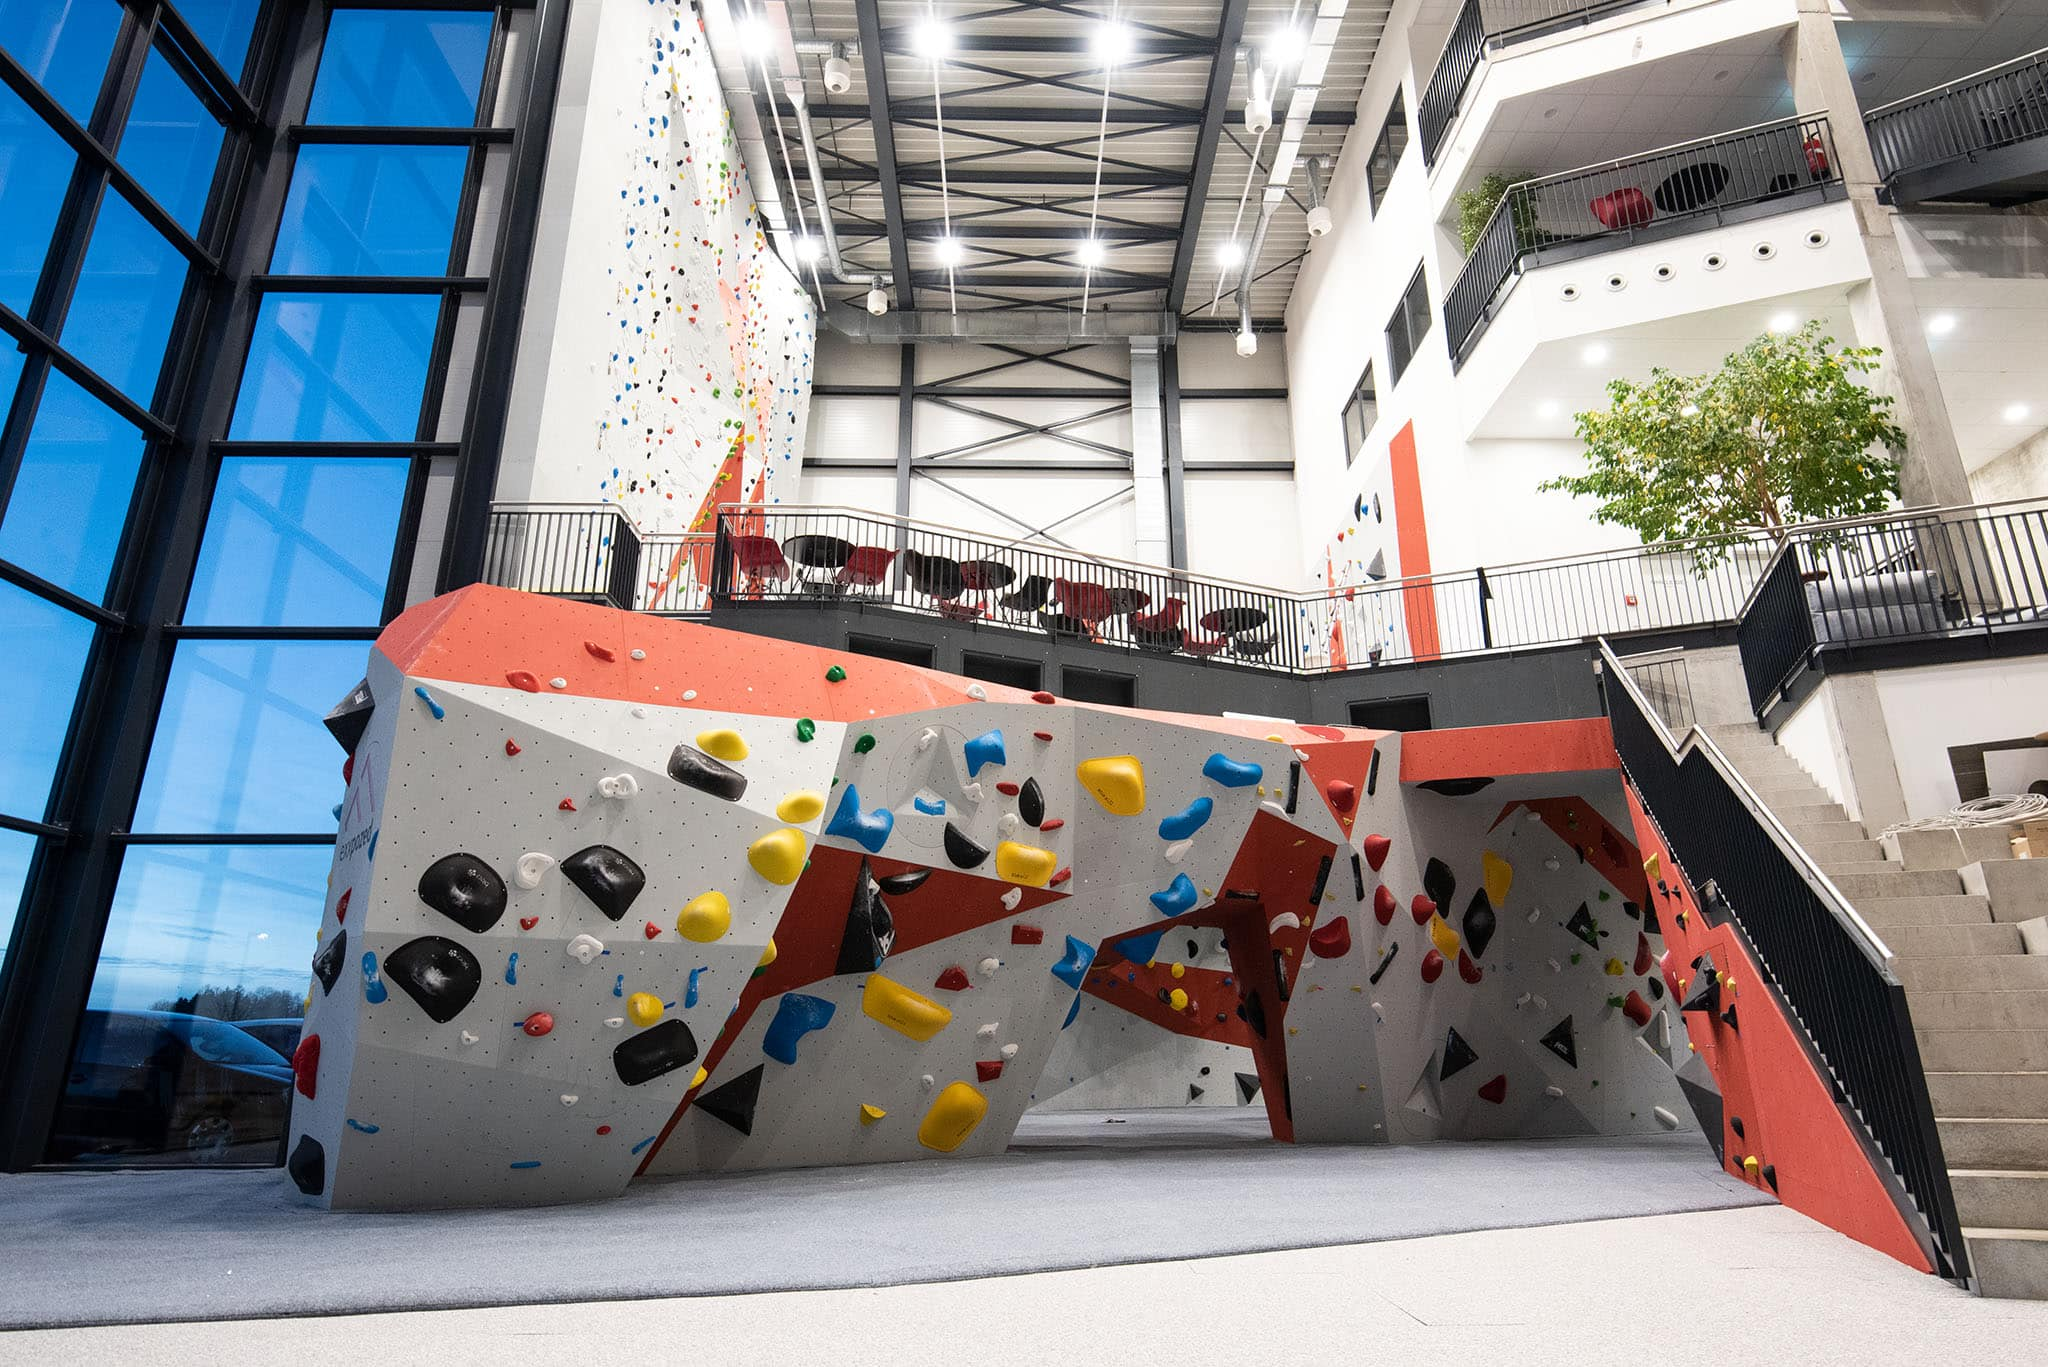 Boulderbereich eXXpozed climbing